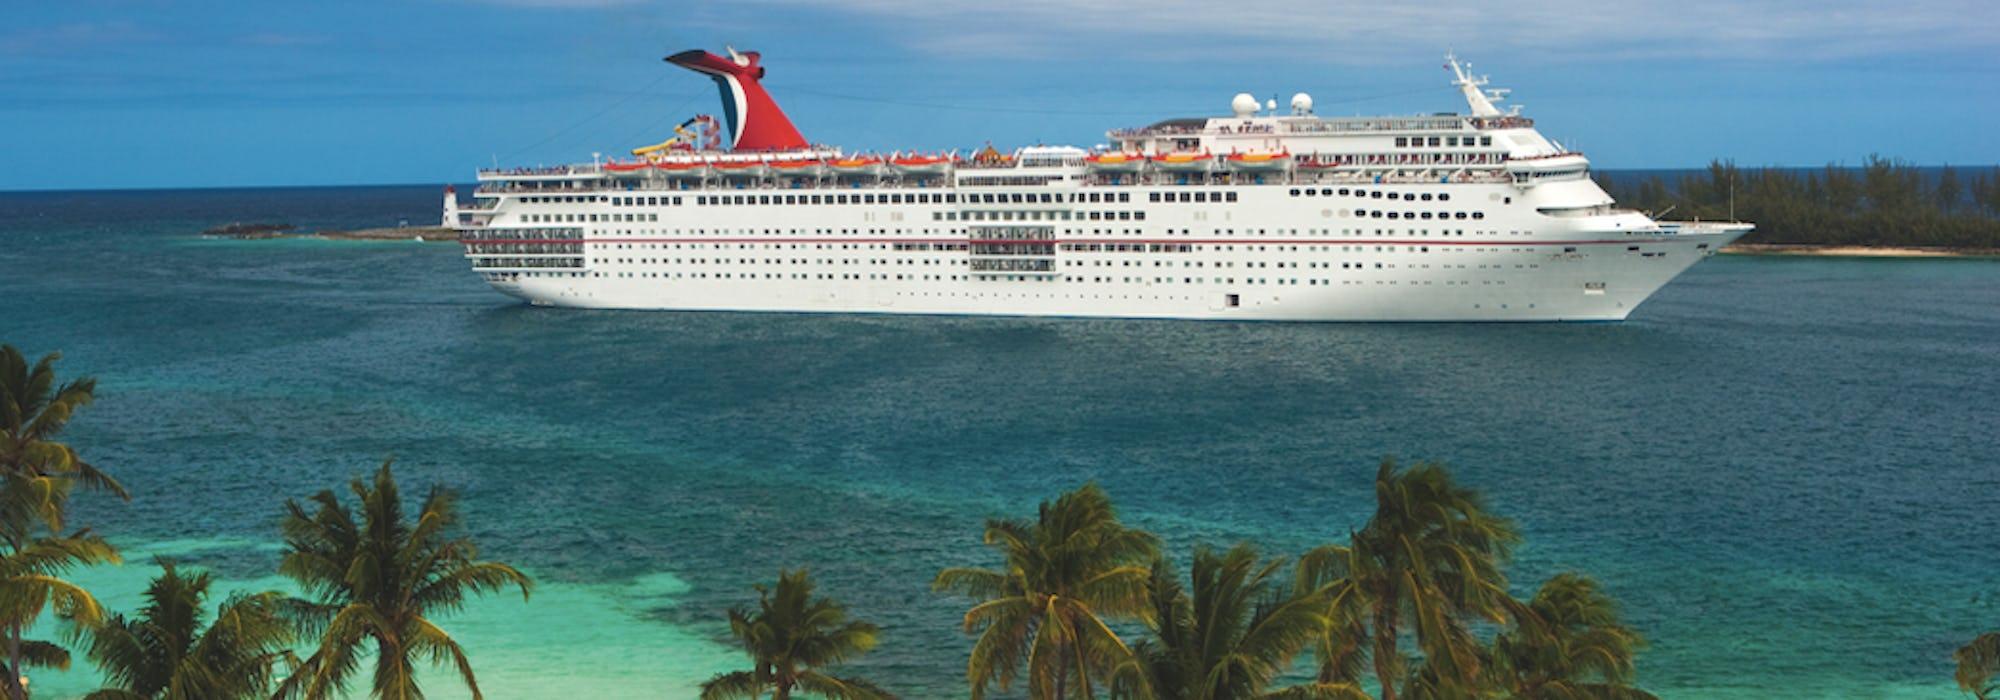 Carnival Sensationen ligger i vattnet utanför en karibisk ö med snövit strand och palmer.